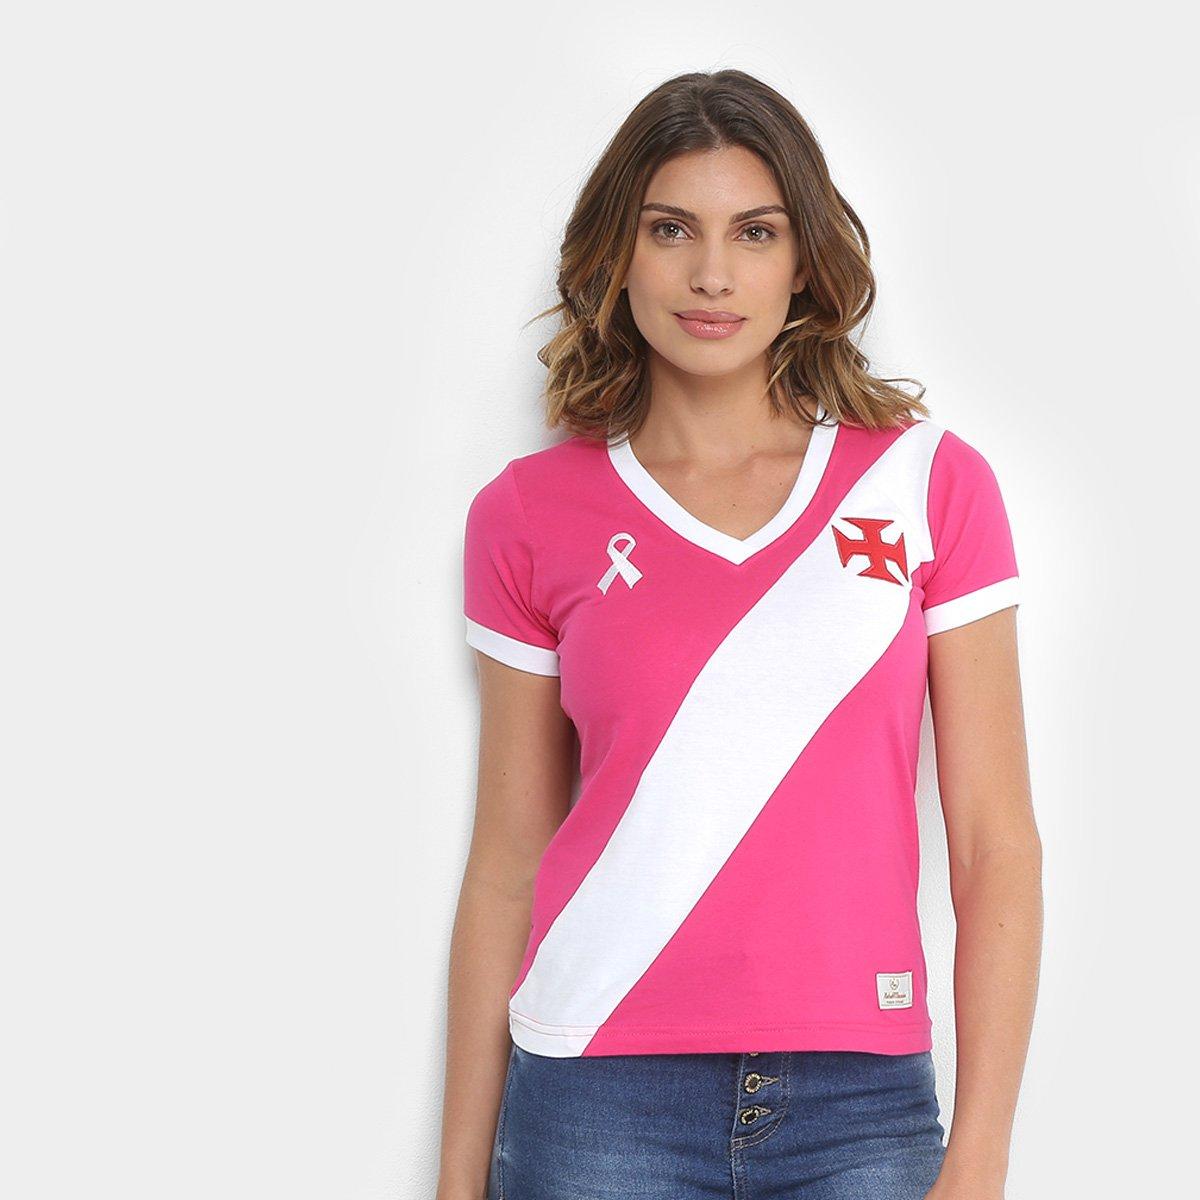 Camiseta Vasco da Gama Outubro Rosa Feminina - Compre Agora  8096101274b